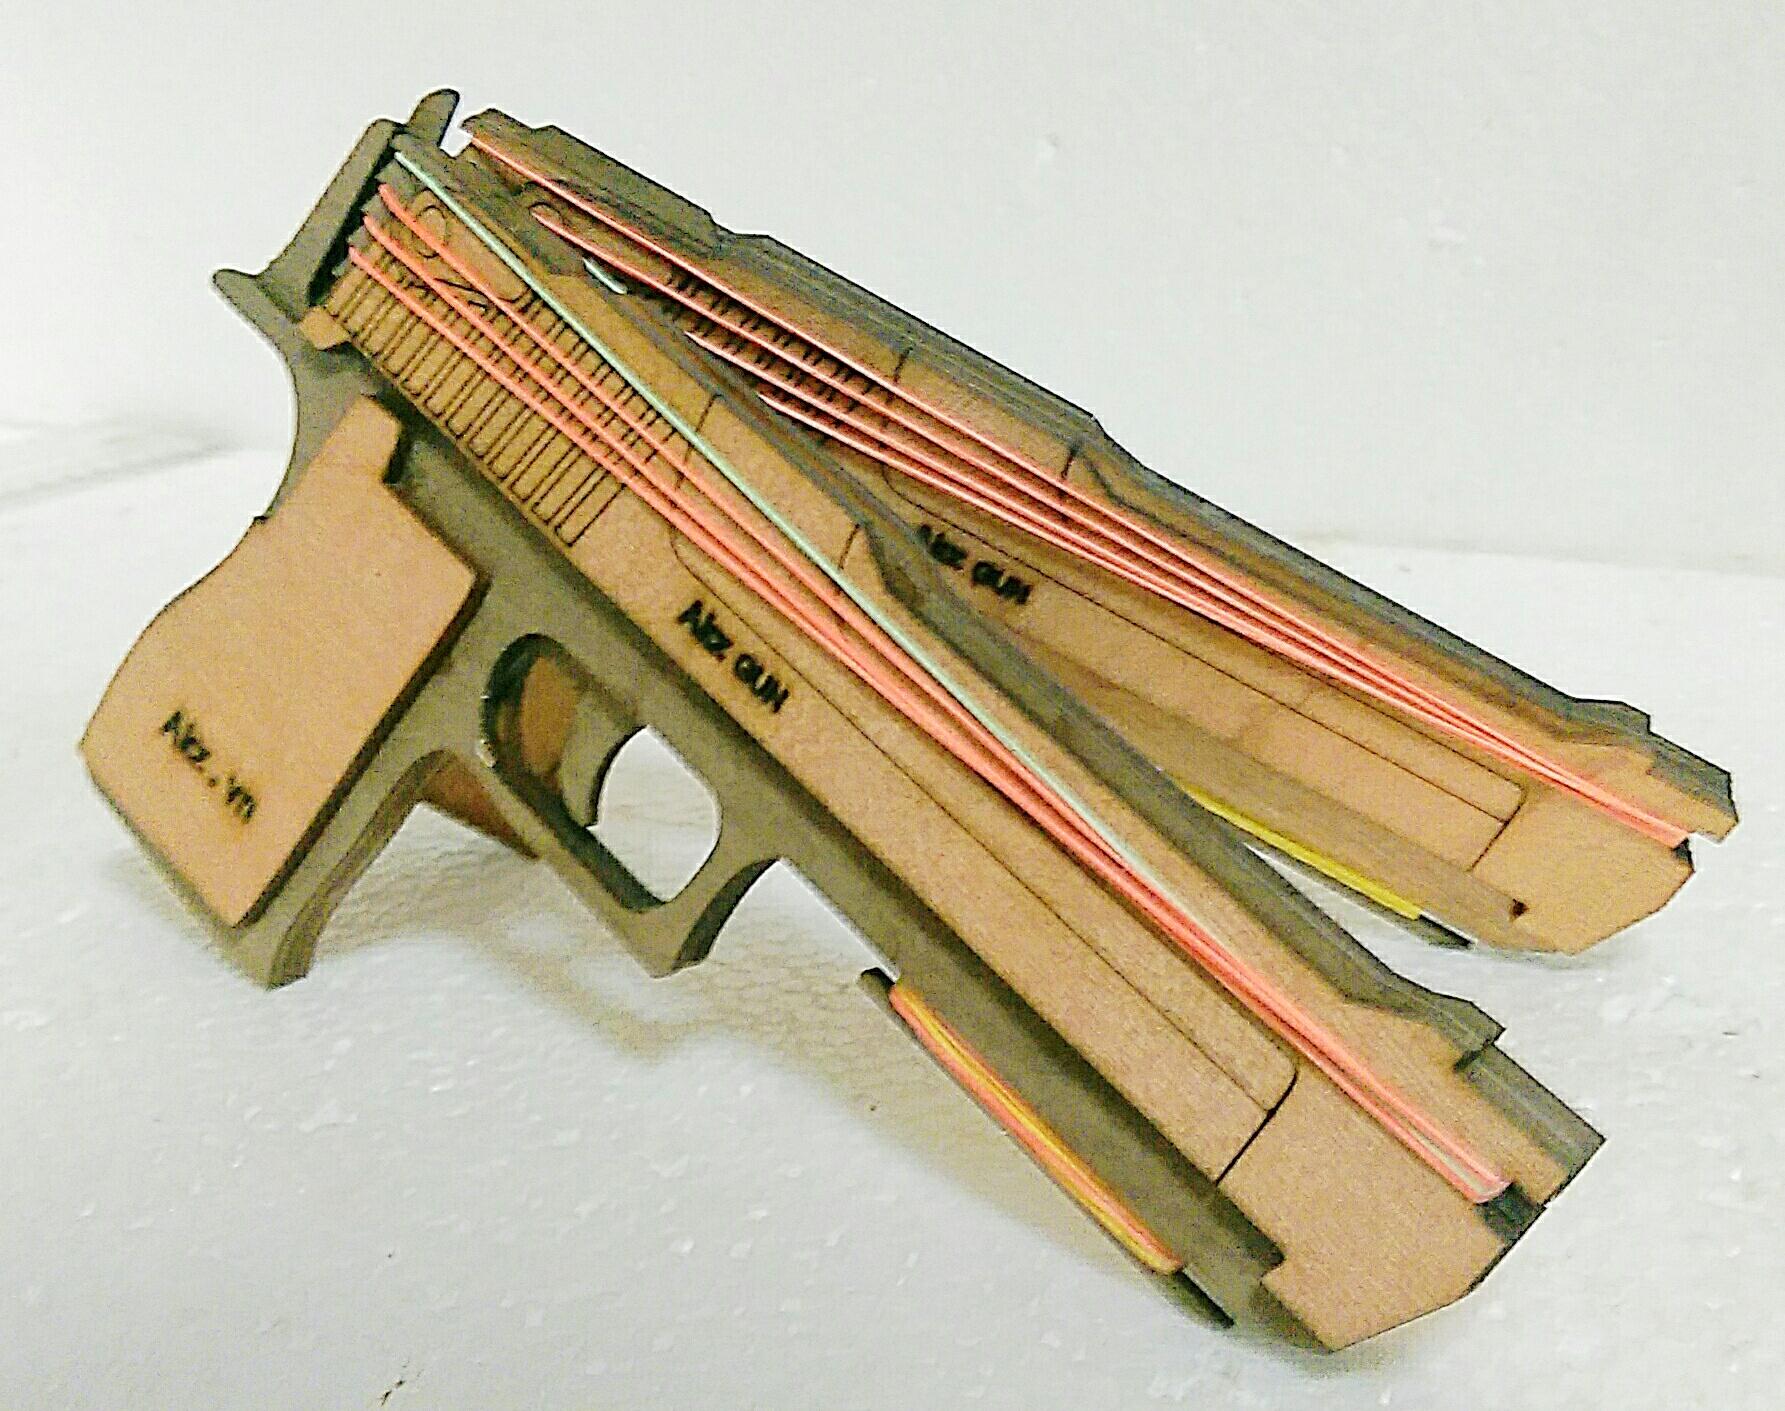 súng bắn chun , nạp 6 chun , bắn 6 cái , từng cái 1